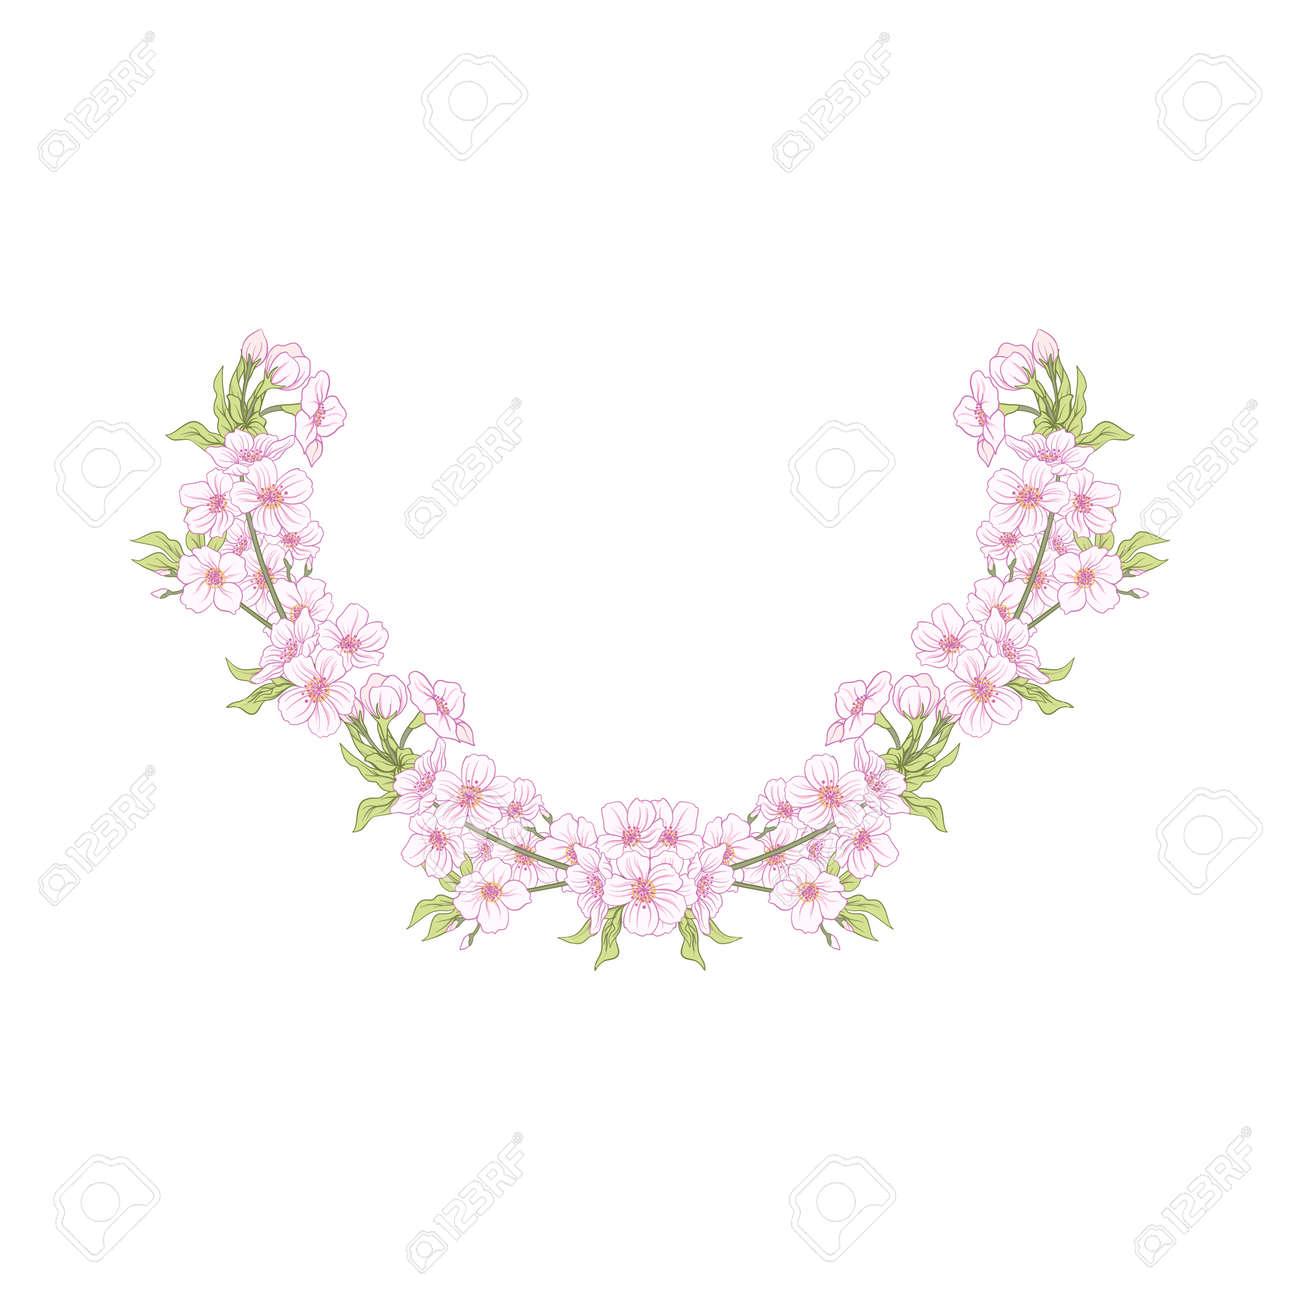 Desenhos De Bordado De Linha De Pescoco Com Um Padrao De Flores E